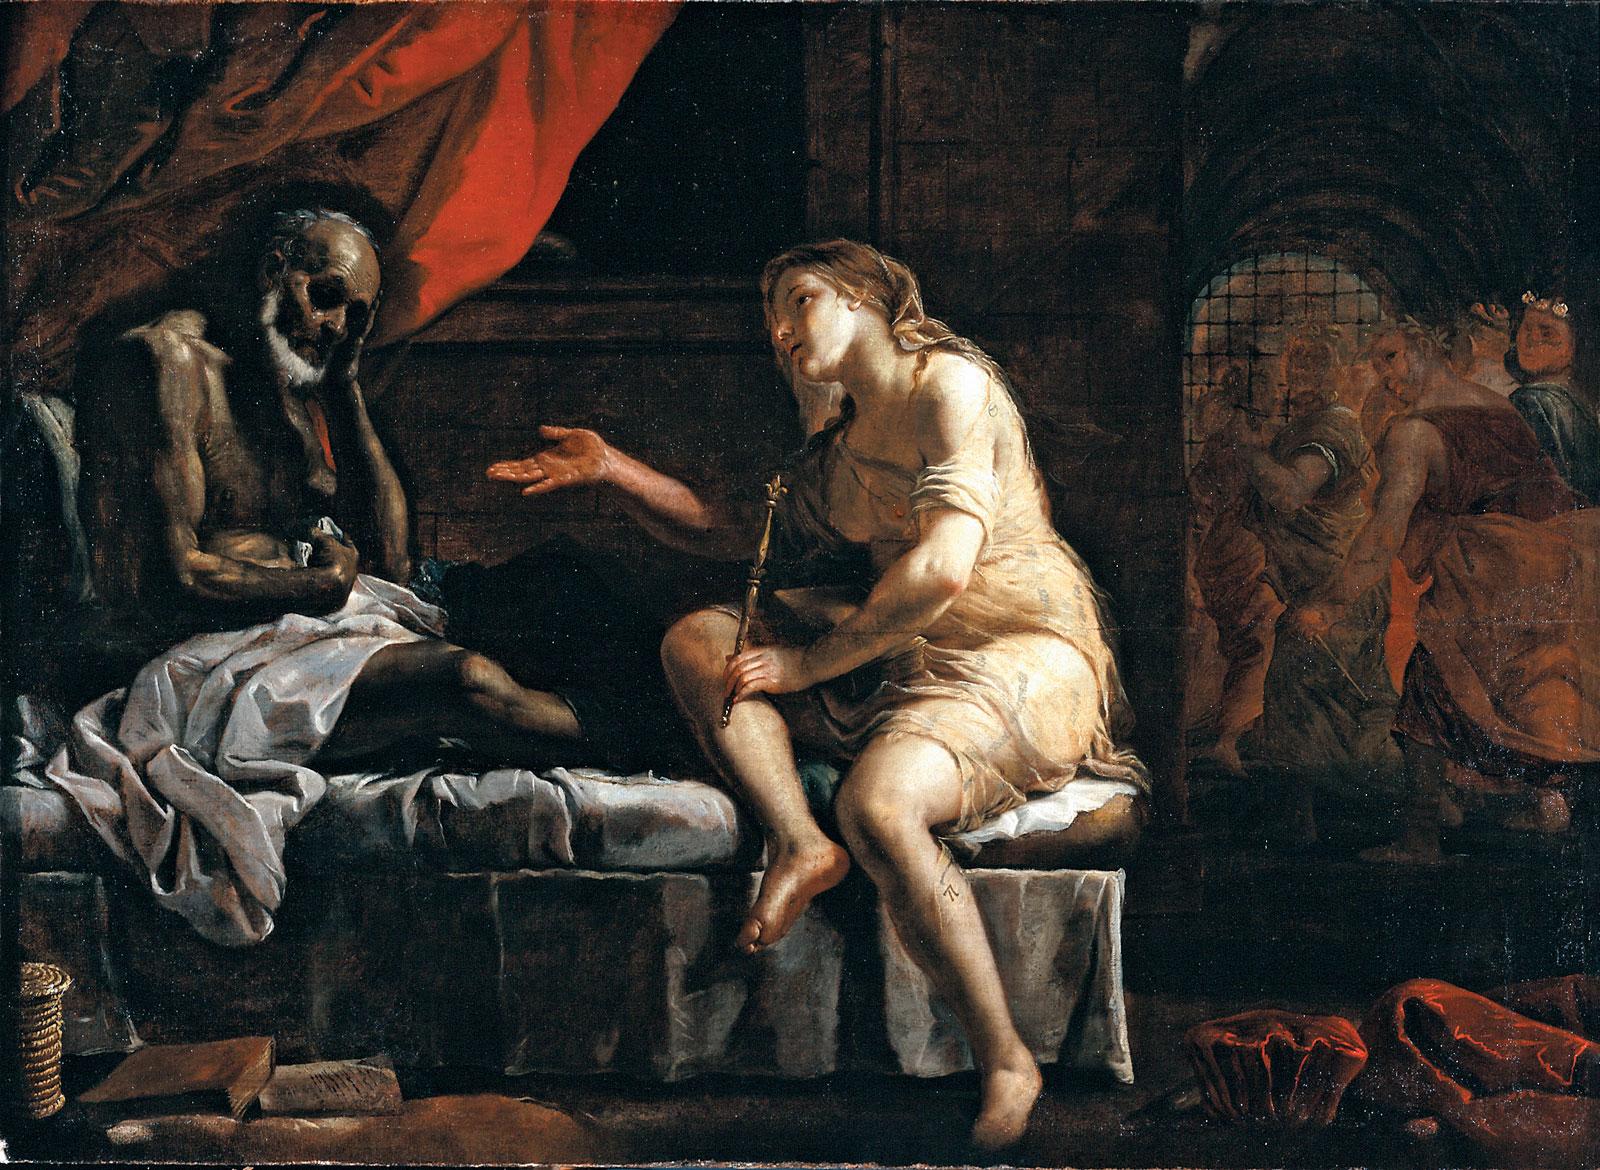 Boecjusz i Filozofia, Mattia Preti